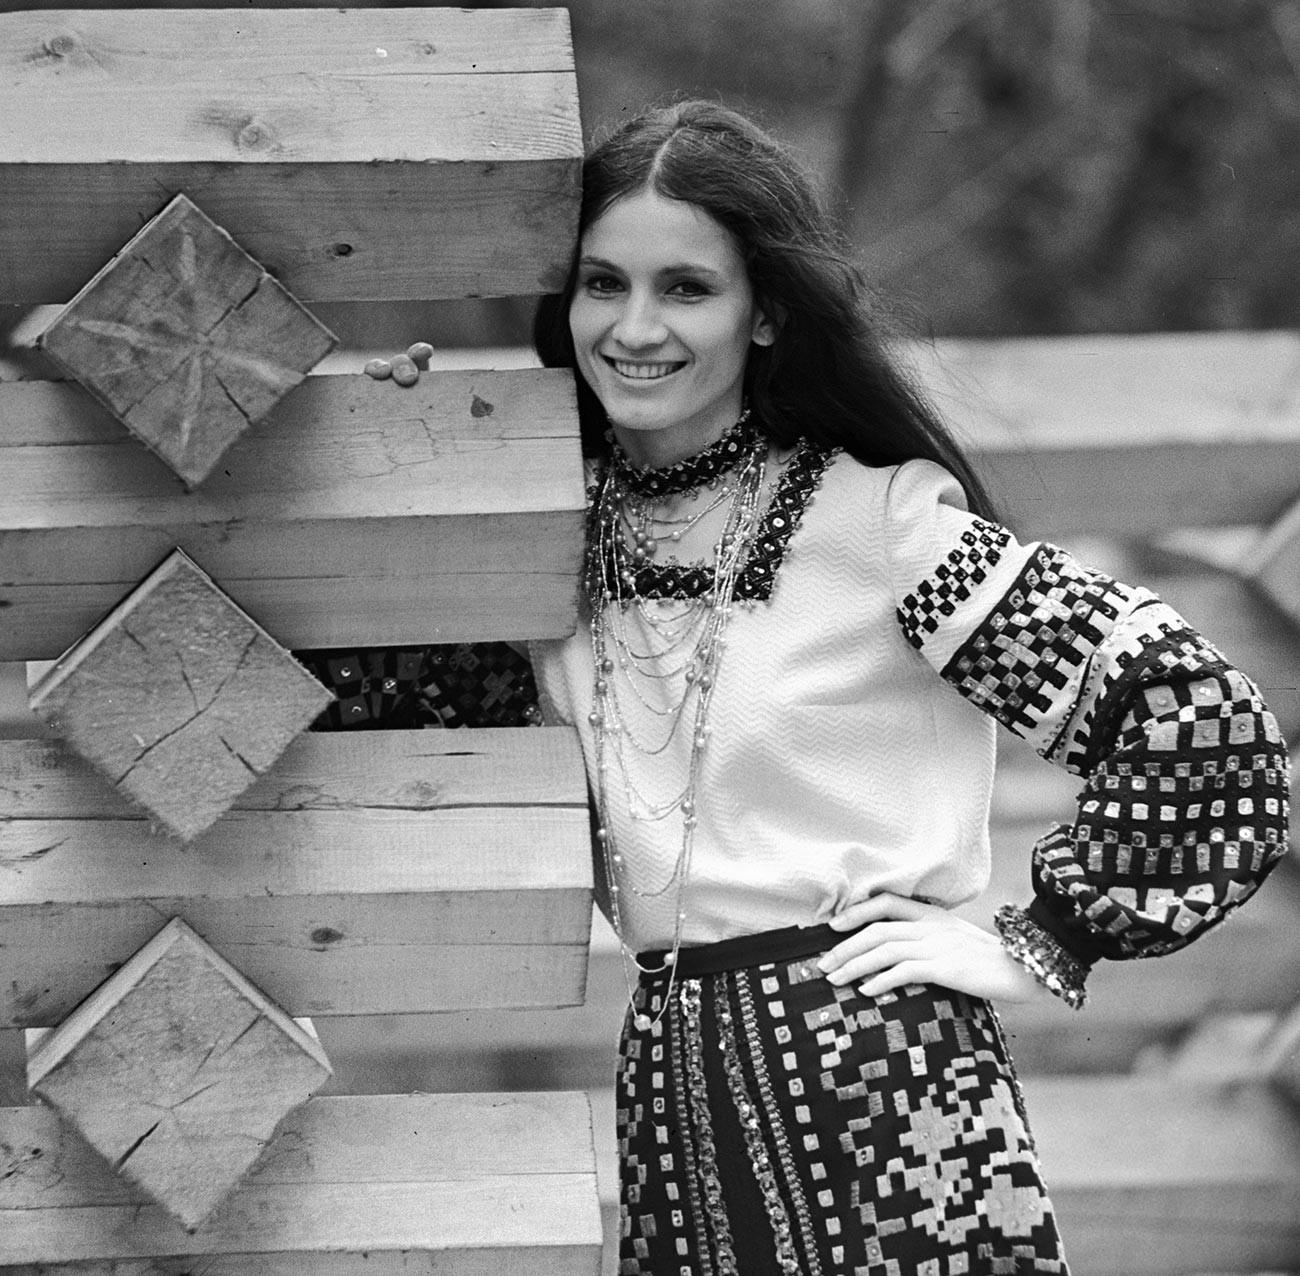 Sofia Rotaru, eine in der UdSSR berühmte (und bis heute beliebte) ethnische moldawische Sängerin, 1974